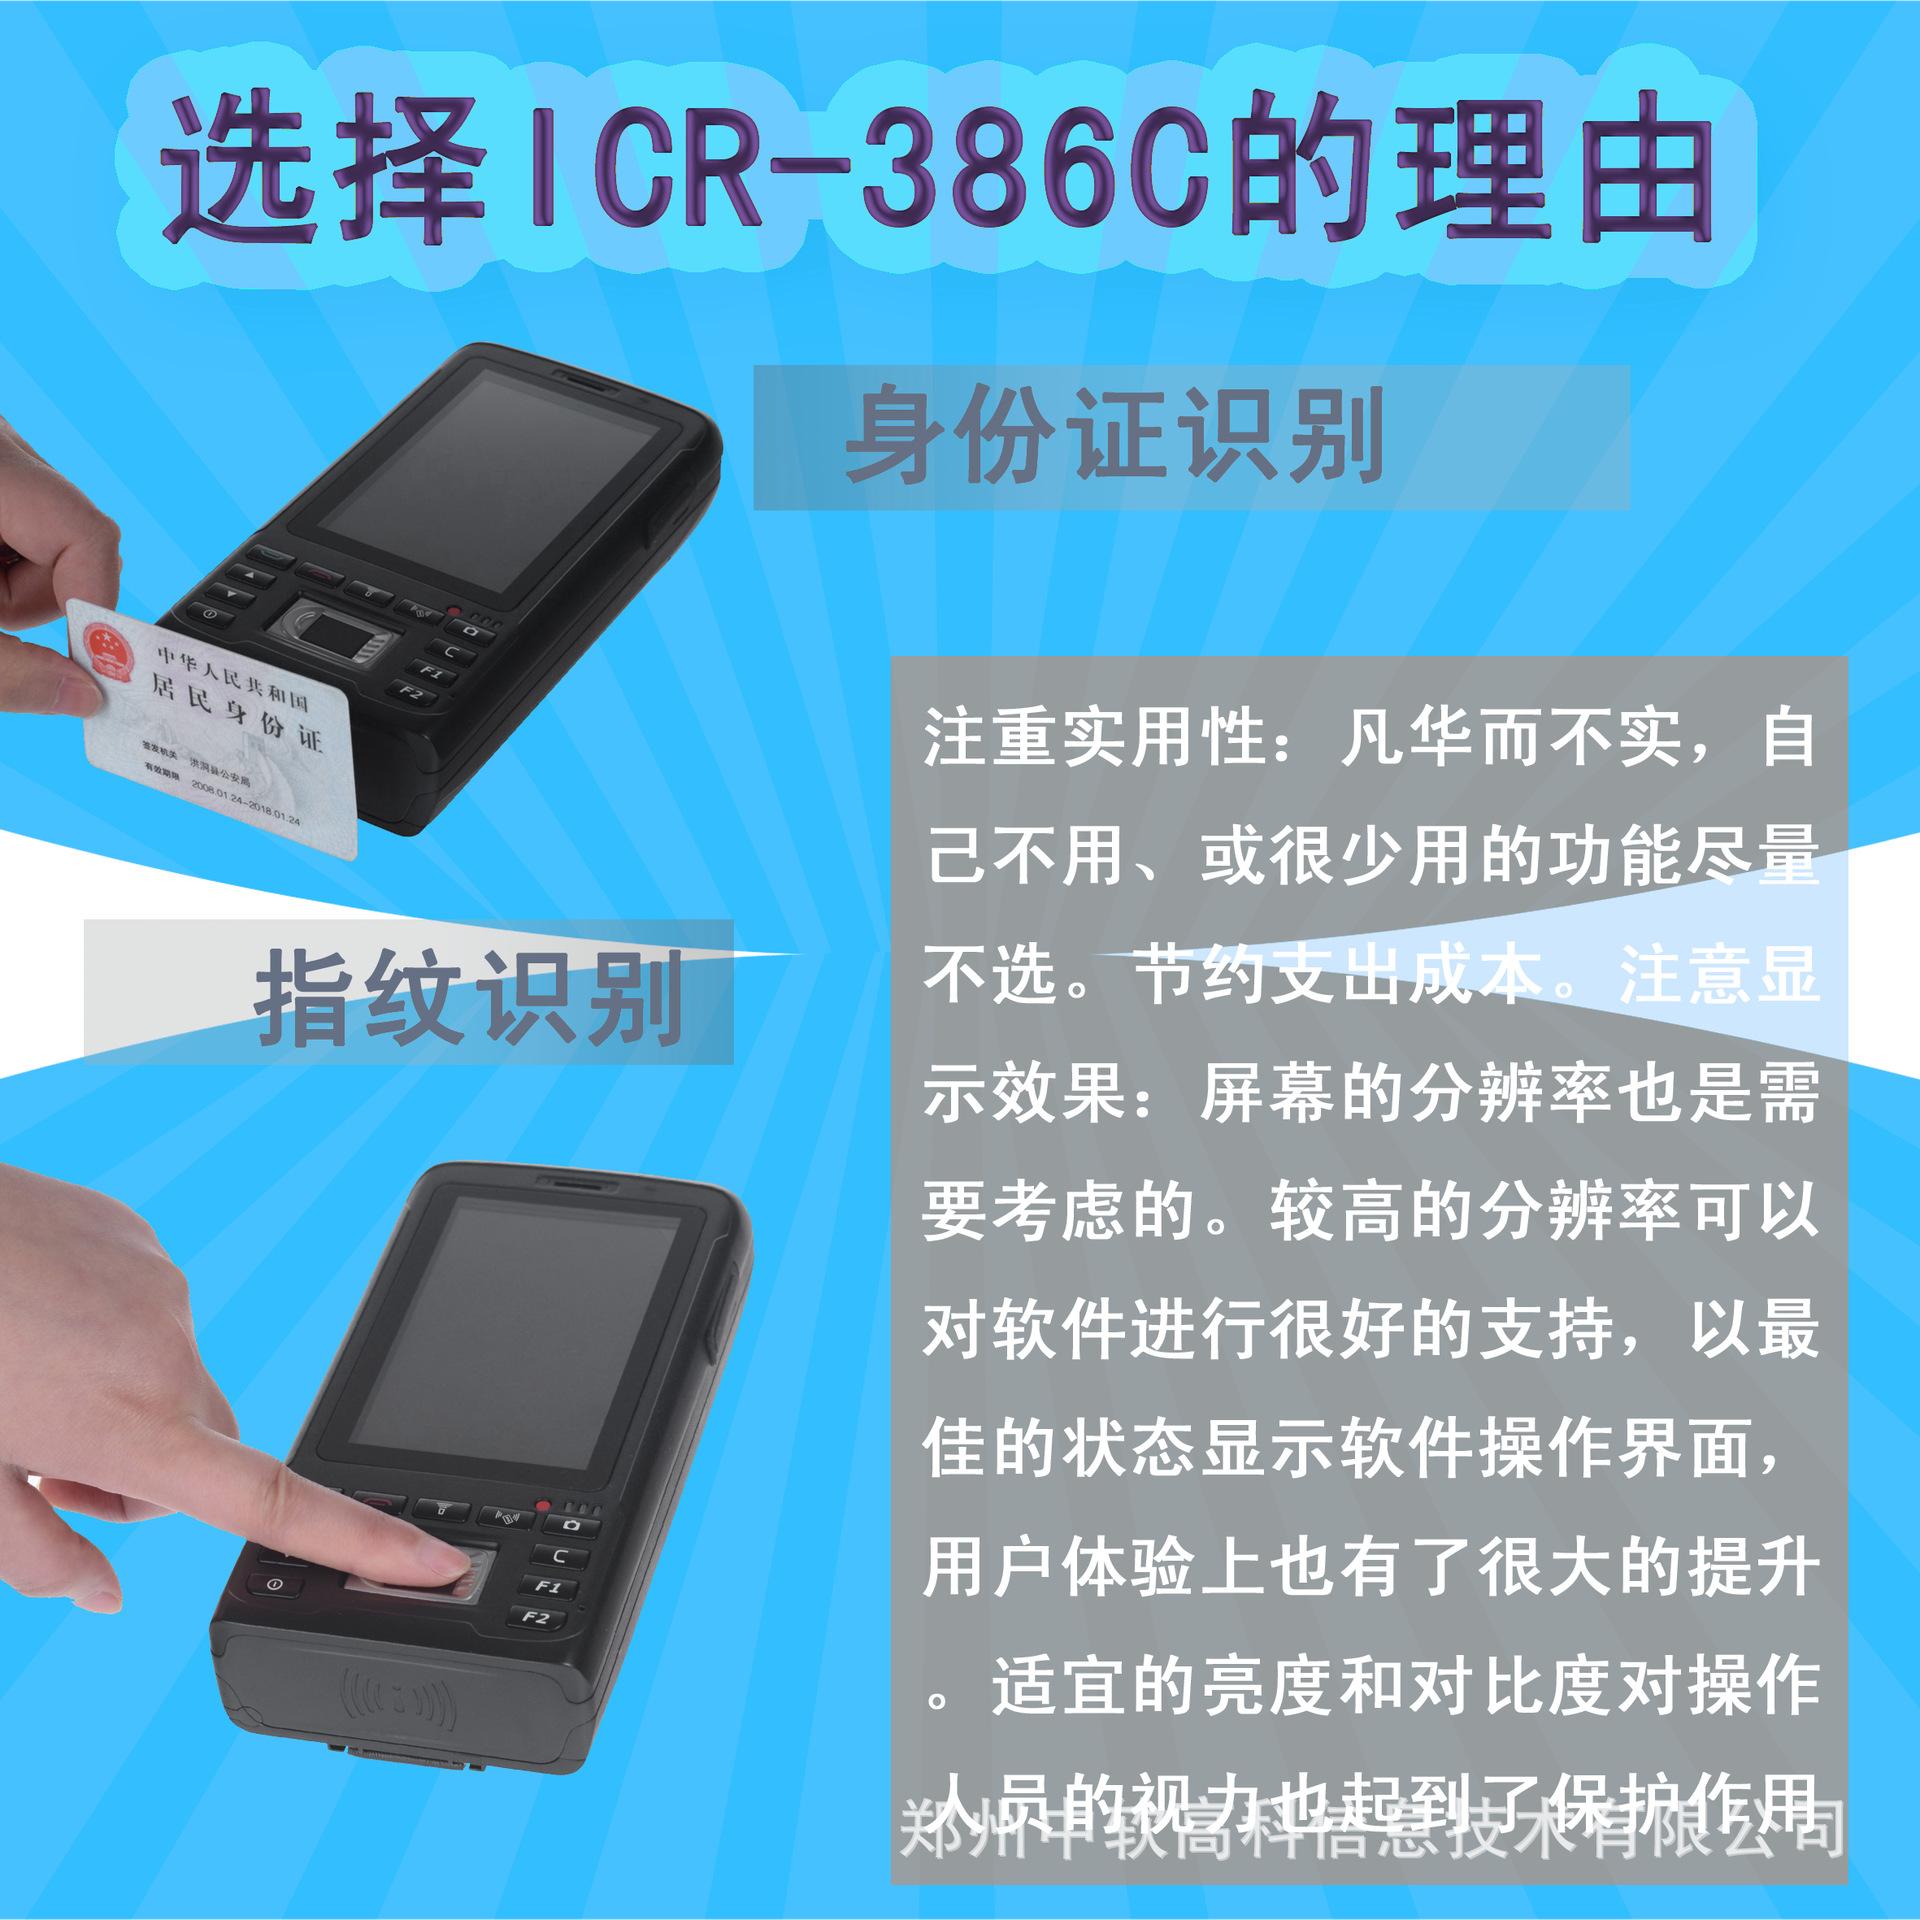 安卓系统手持警务通指纹识别移动身份证阅读器